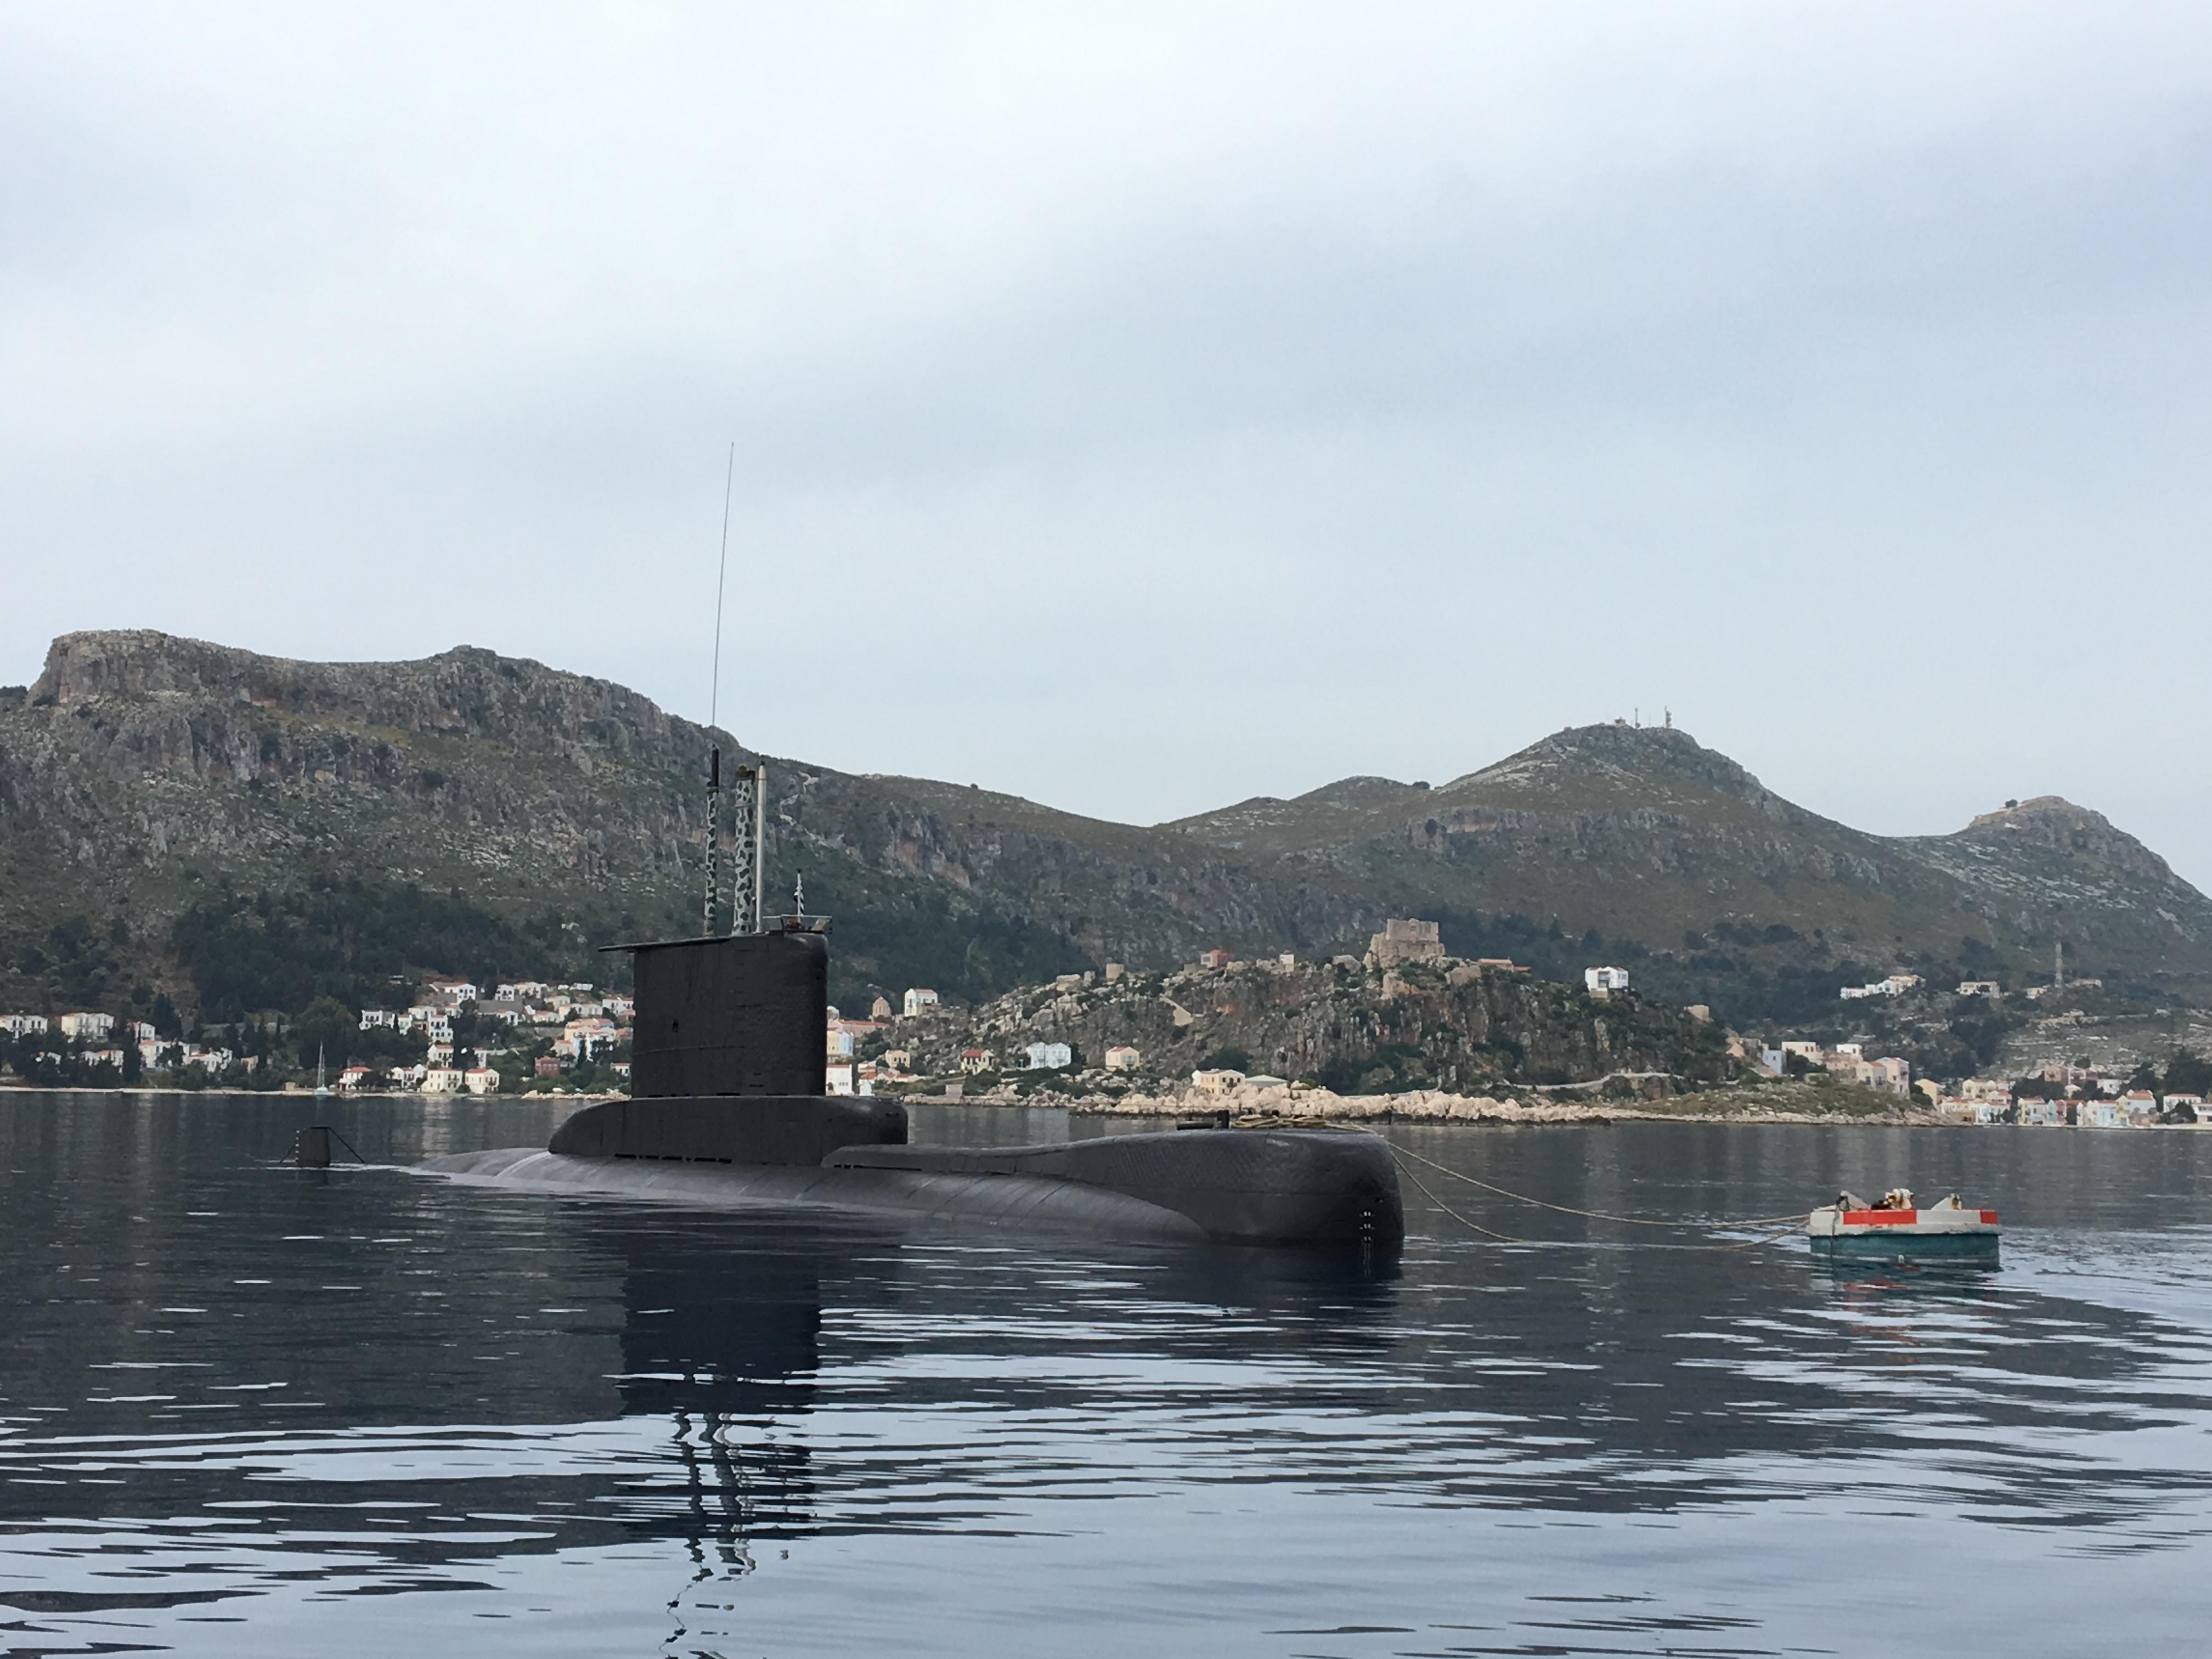 ΕΚΤΑΚΤΟ-ΚΡΙΣΗ: Οι «φονιάδες του Αιγαίου» λαμβάνουν θέσεις μάχης -Αποπλέει όλος ο τουρκικός στόλος – Σε ετοιμότητα οι μονάδες μας να κινηθούν προς Κύπρο - Εικόνα4